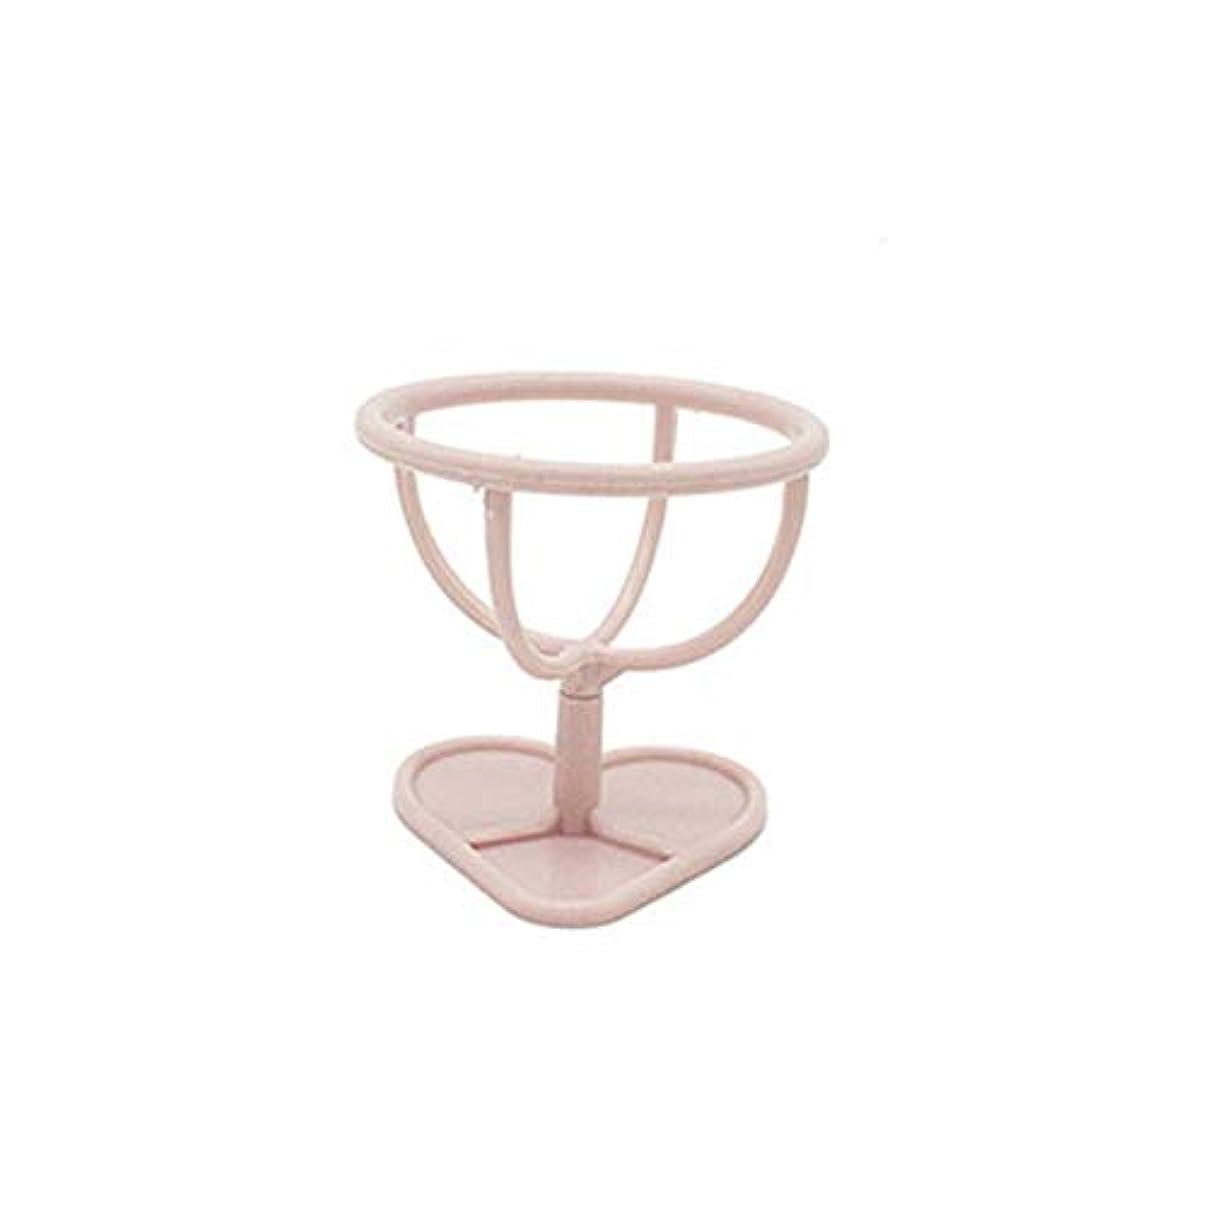 浸透するビルダートランクパフ美容メイクスポンジホルダー化粧品スポンジスタンド卵粉パフ収納ラックドライヤー化粧オーガナイザー棚ツールキット(Color:pink)